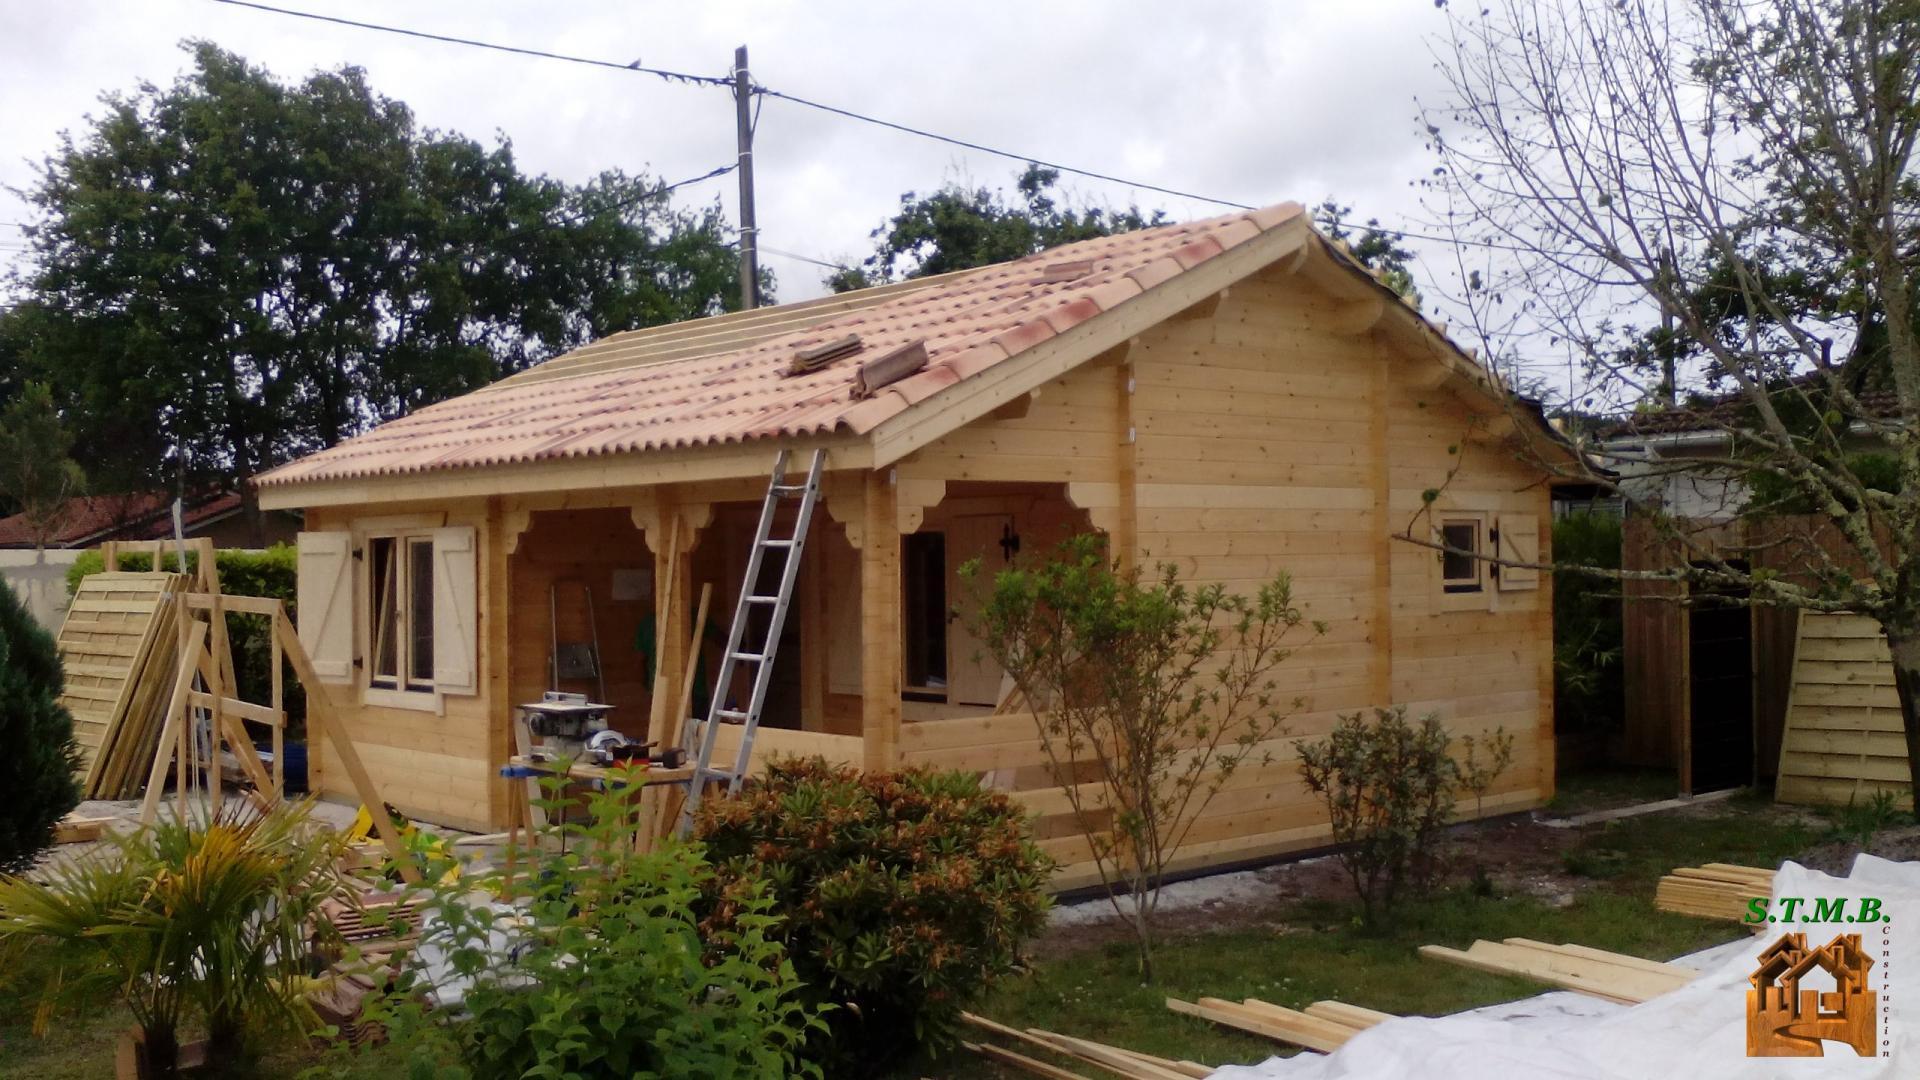 Construire Un Chalet En Bois Habitable - Construction Et ... intérieur Chalet Habitable